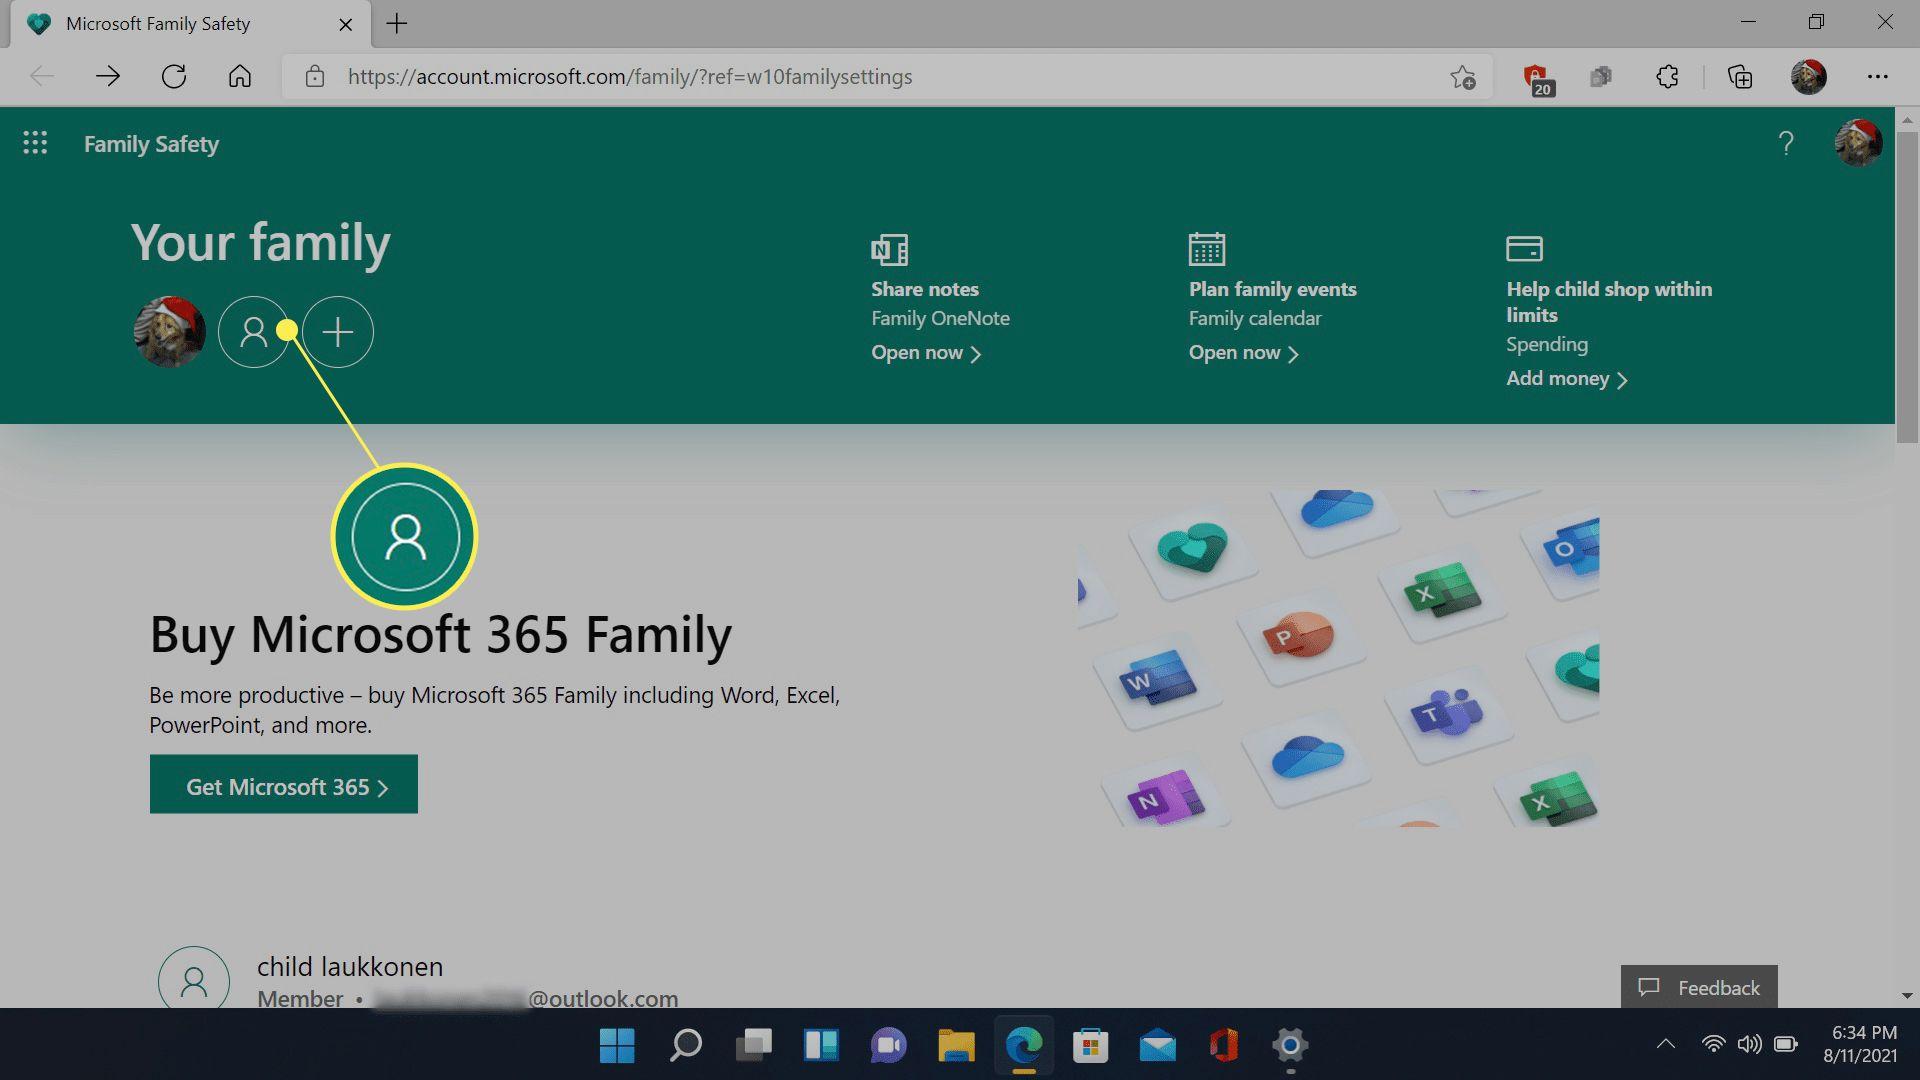 Child profile icon (center icon under